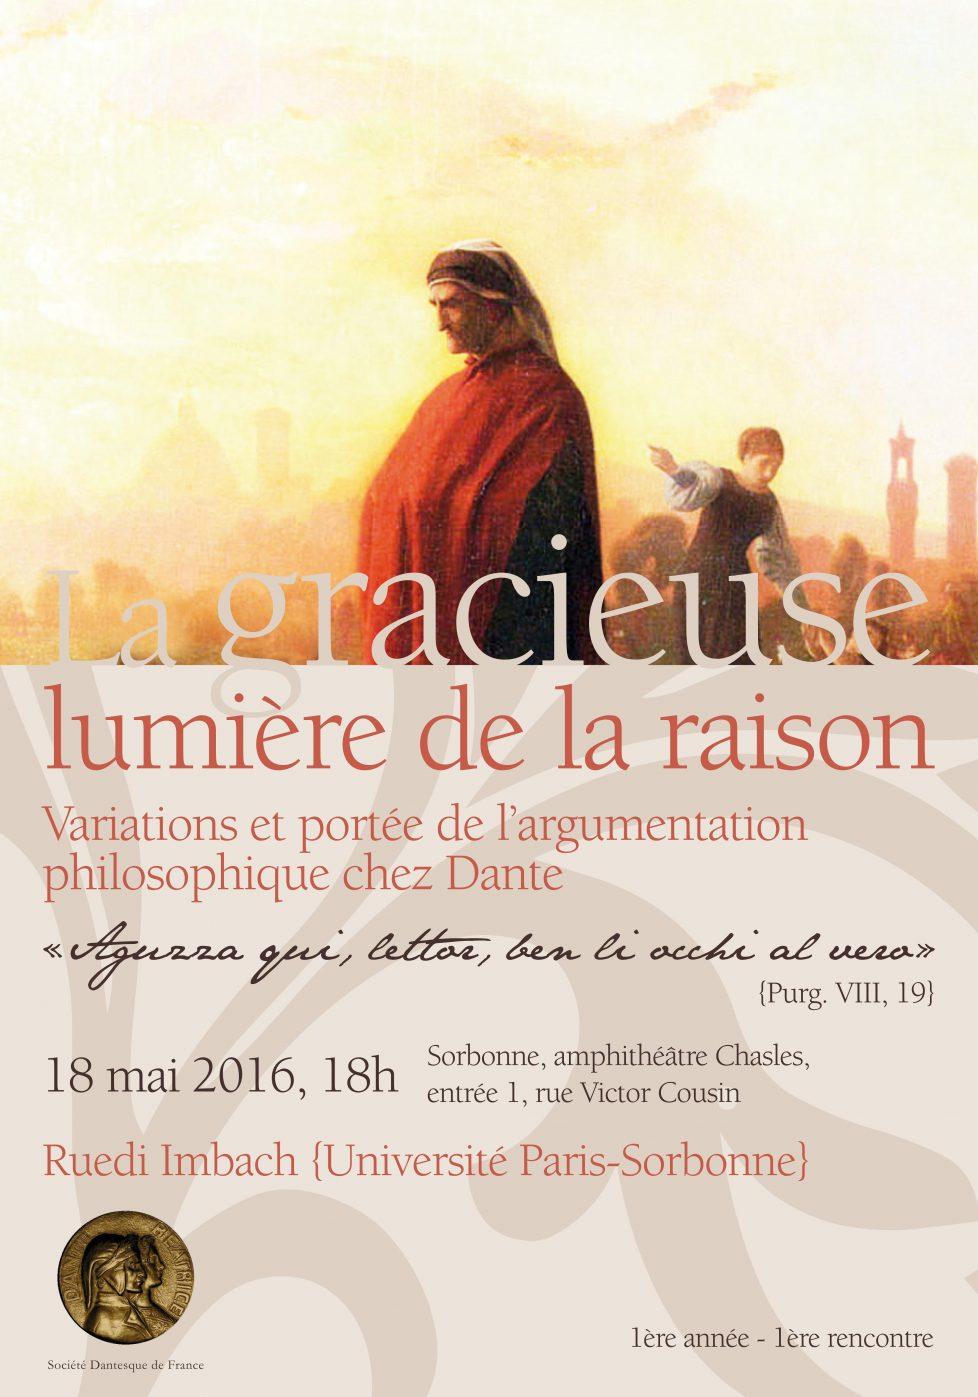 Première séance de la Société Dantesque de France: Ruedi Imbach, la gracieuse lumière de la raison